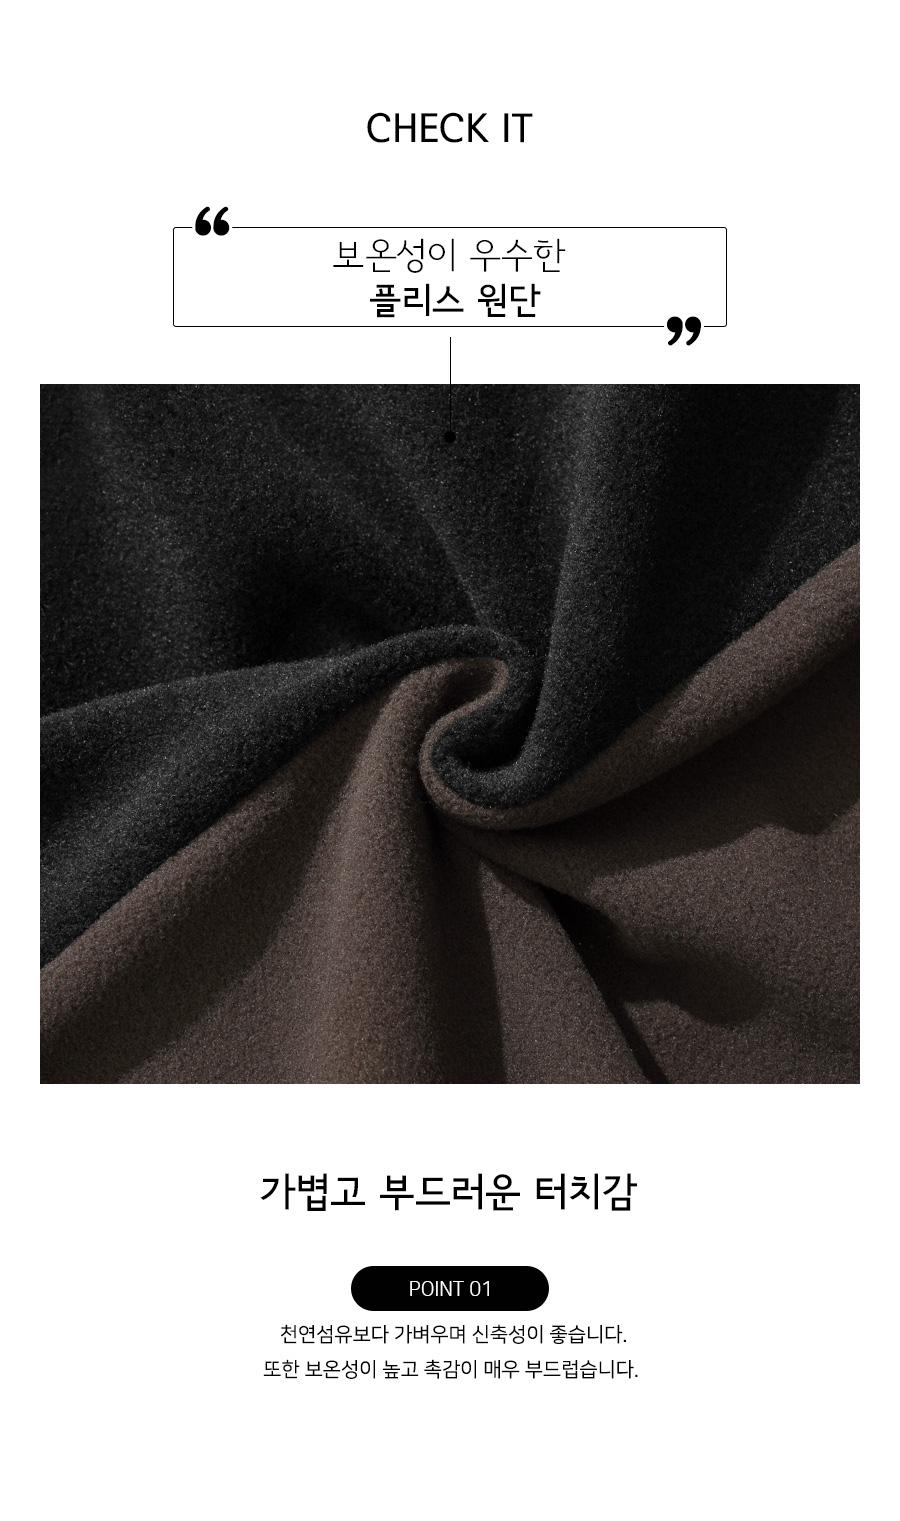 4375_info_black_bj.jpg